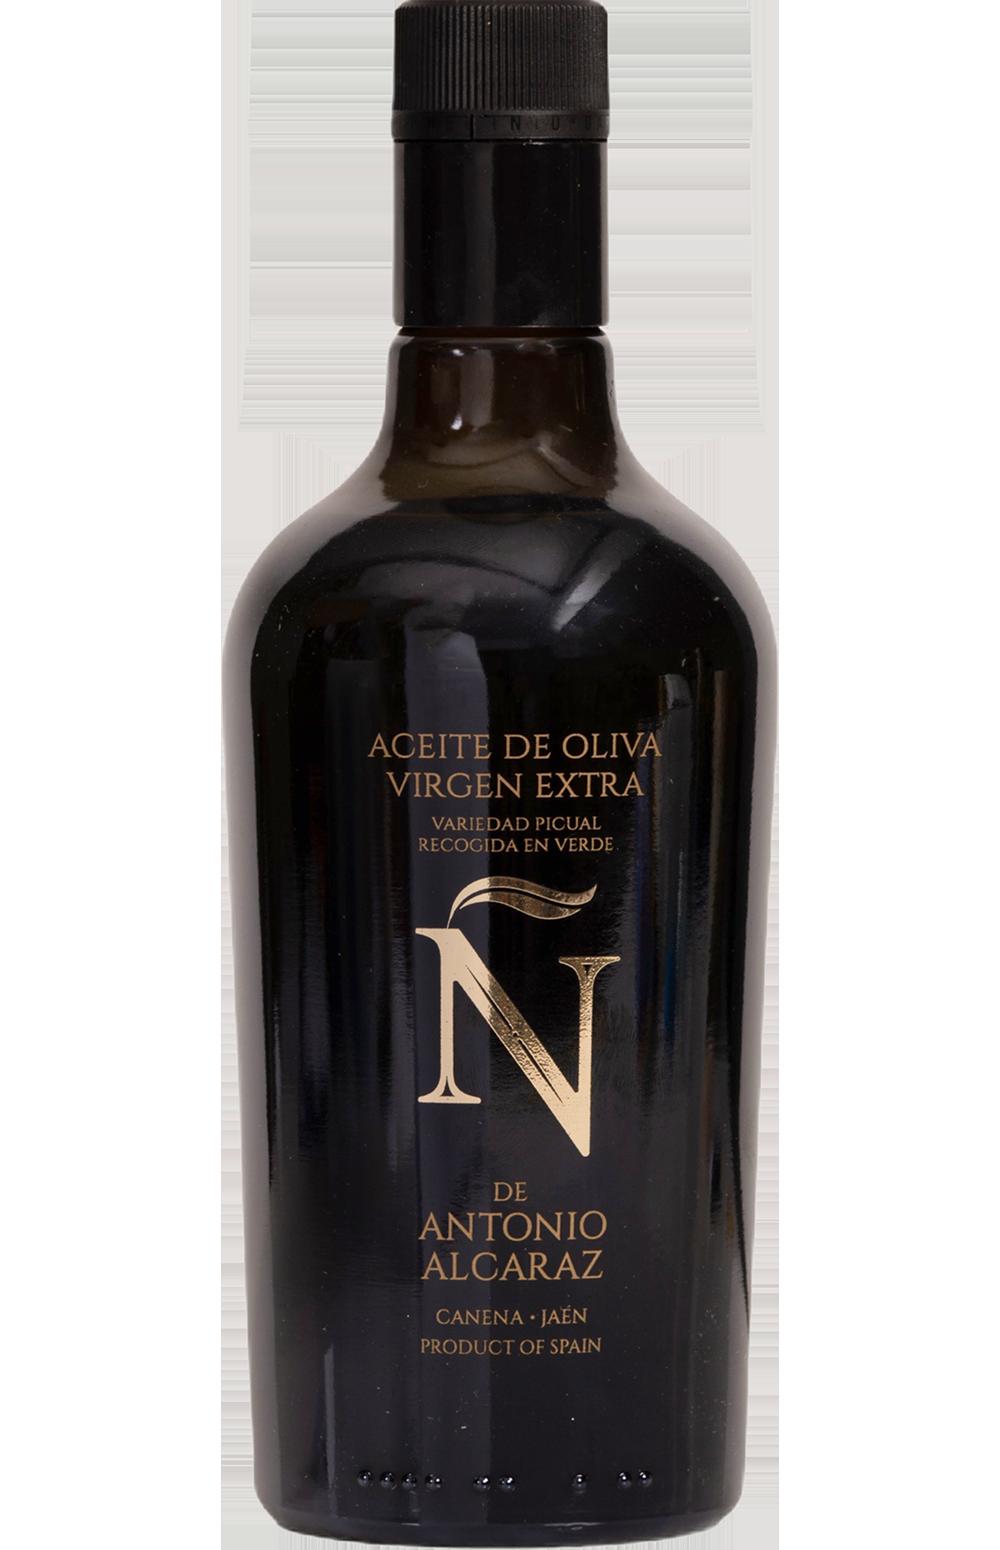 Ñ De Antonio Alcaraz